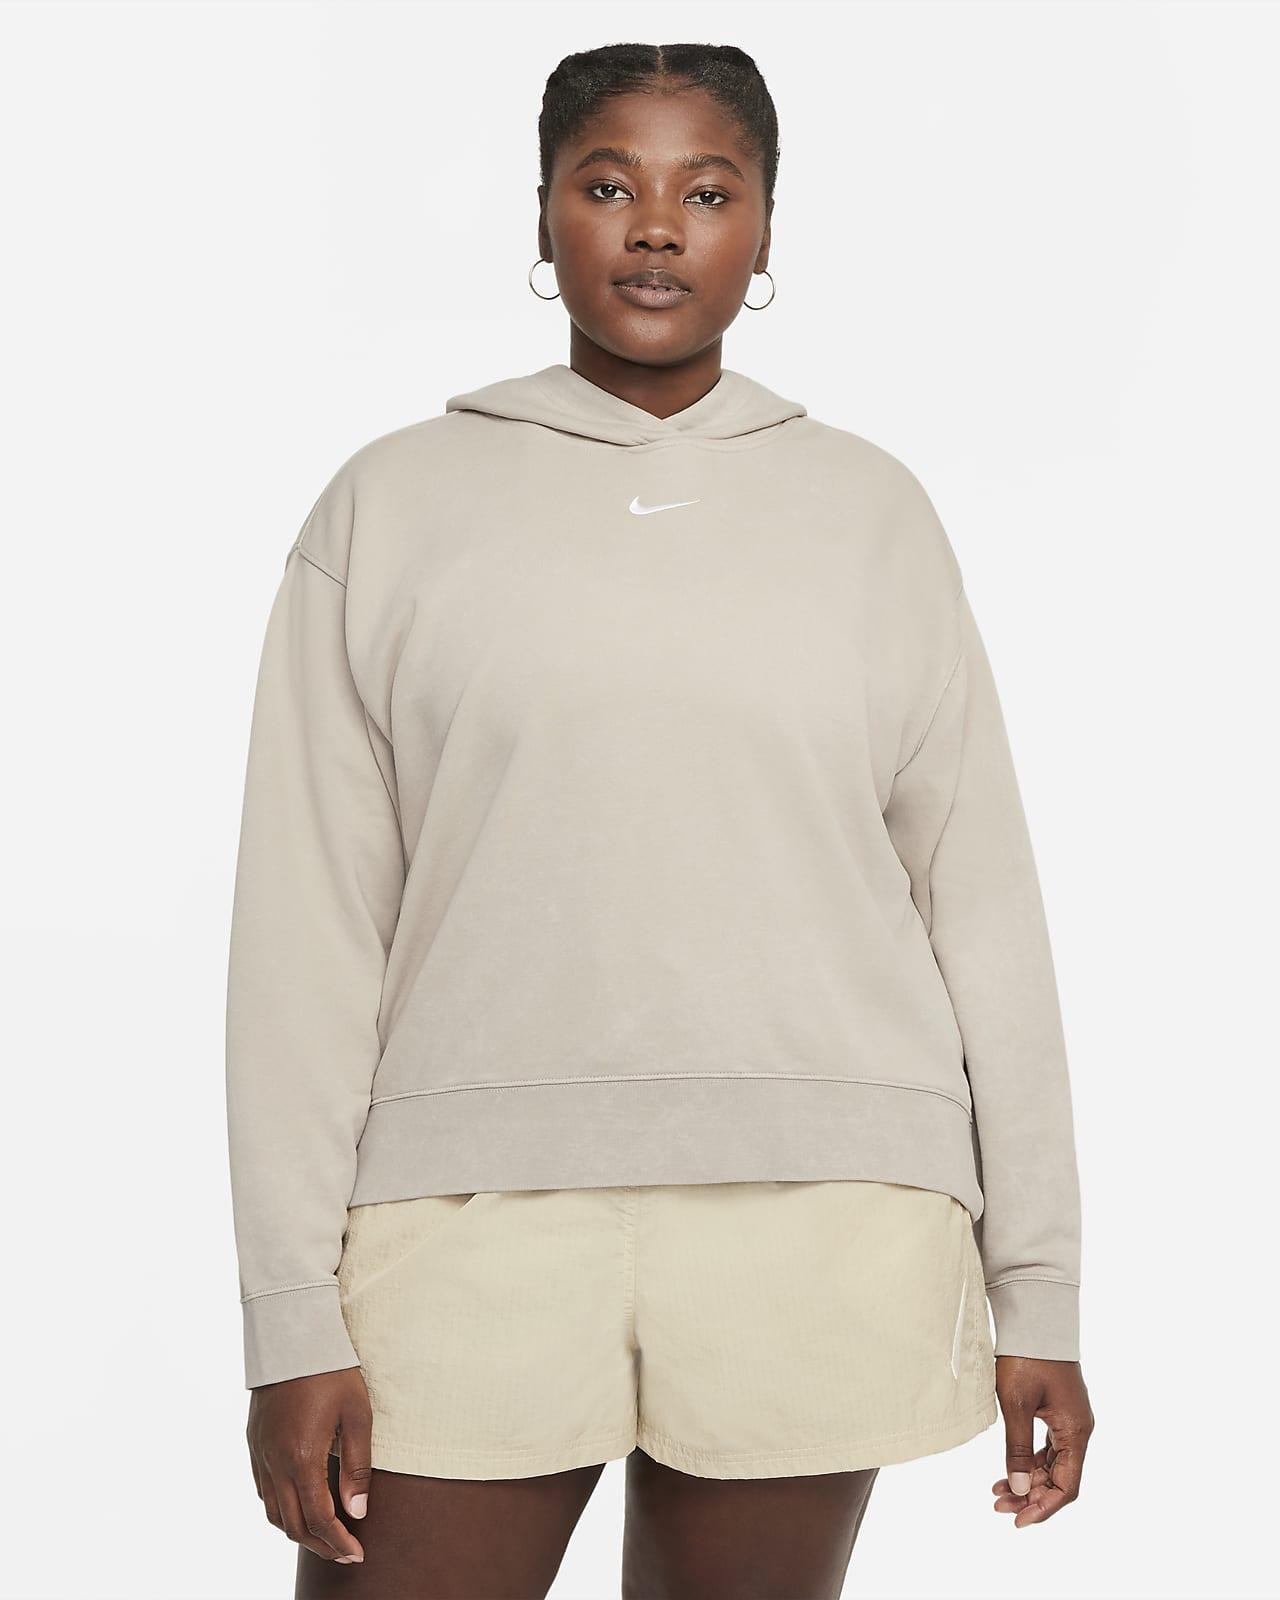 Женская флисовая худи с эффектом выцветания Nike Sportswear Essential Collection (большие размеры)